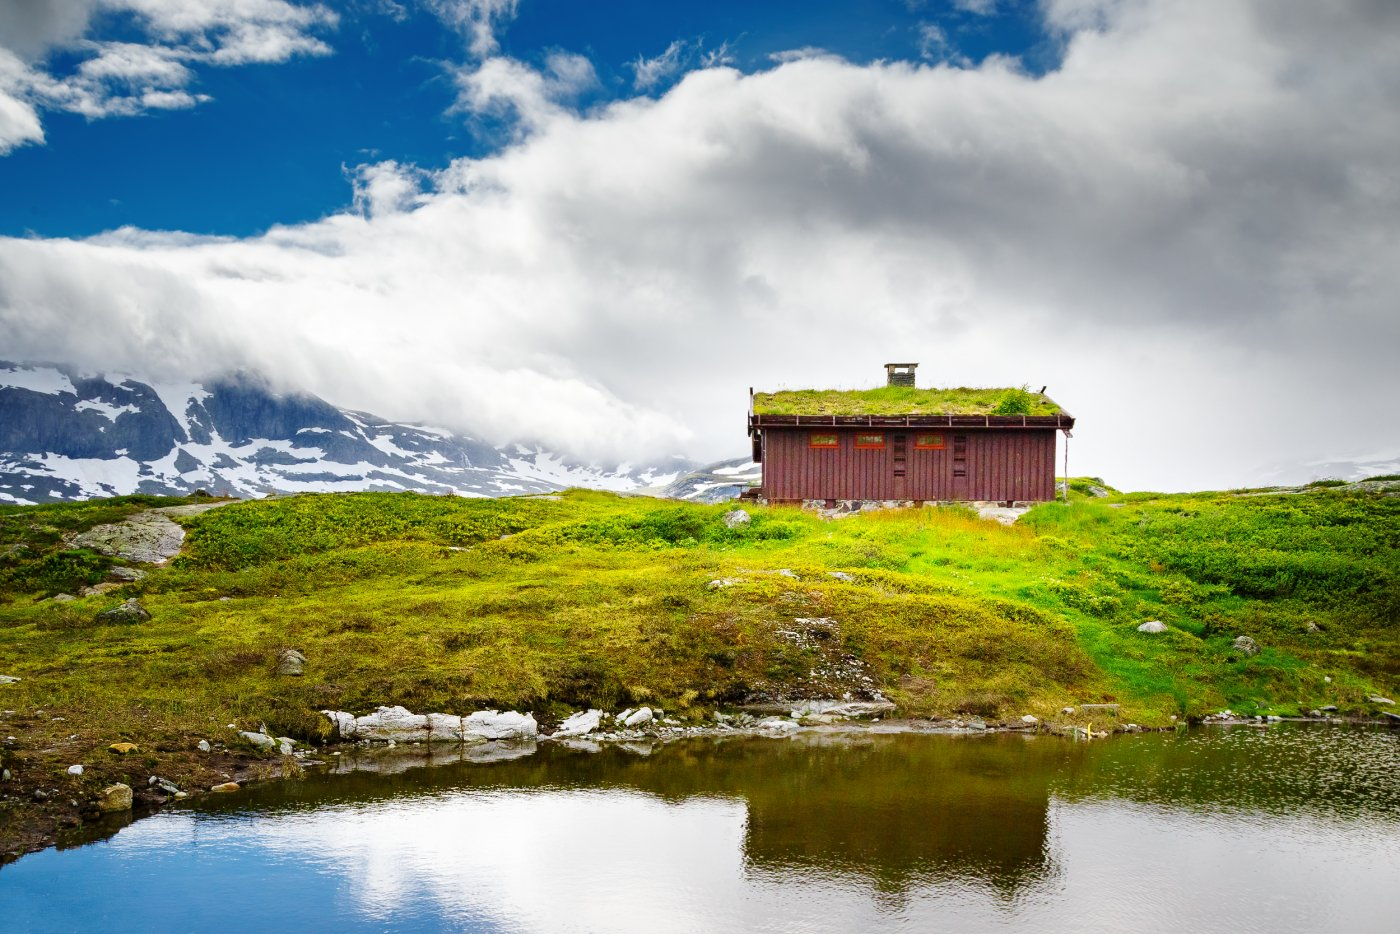 øde, primitiv hytte ute i naturen